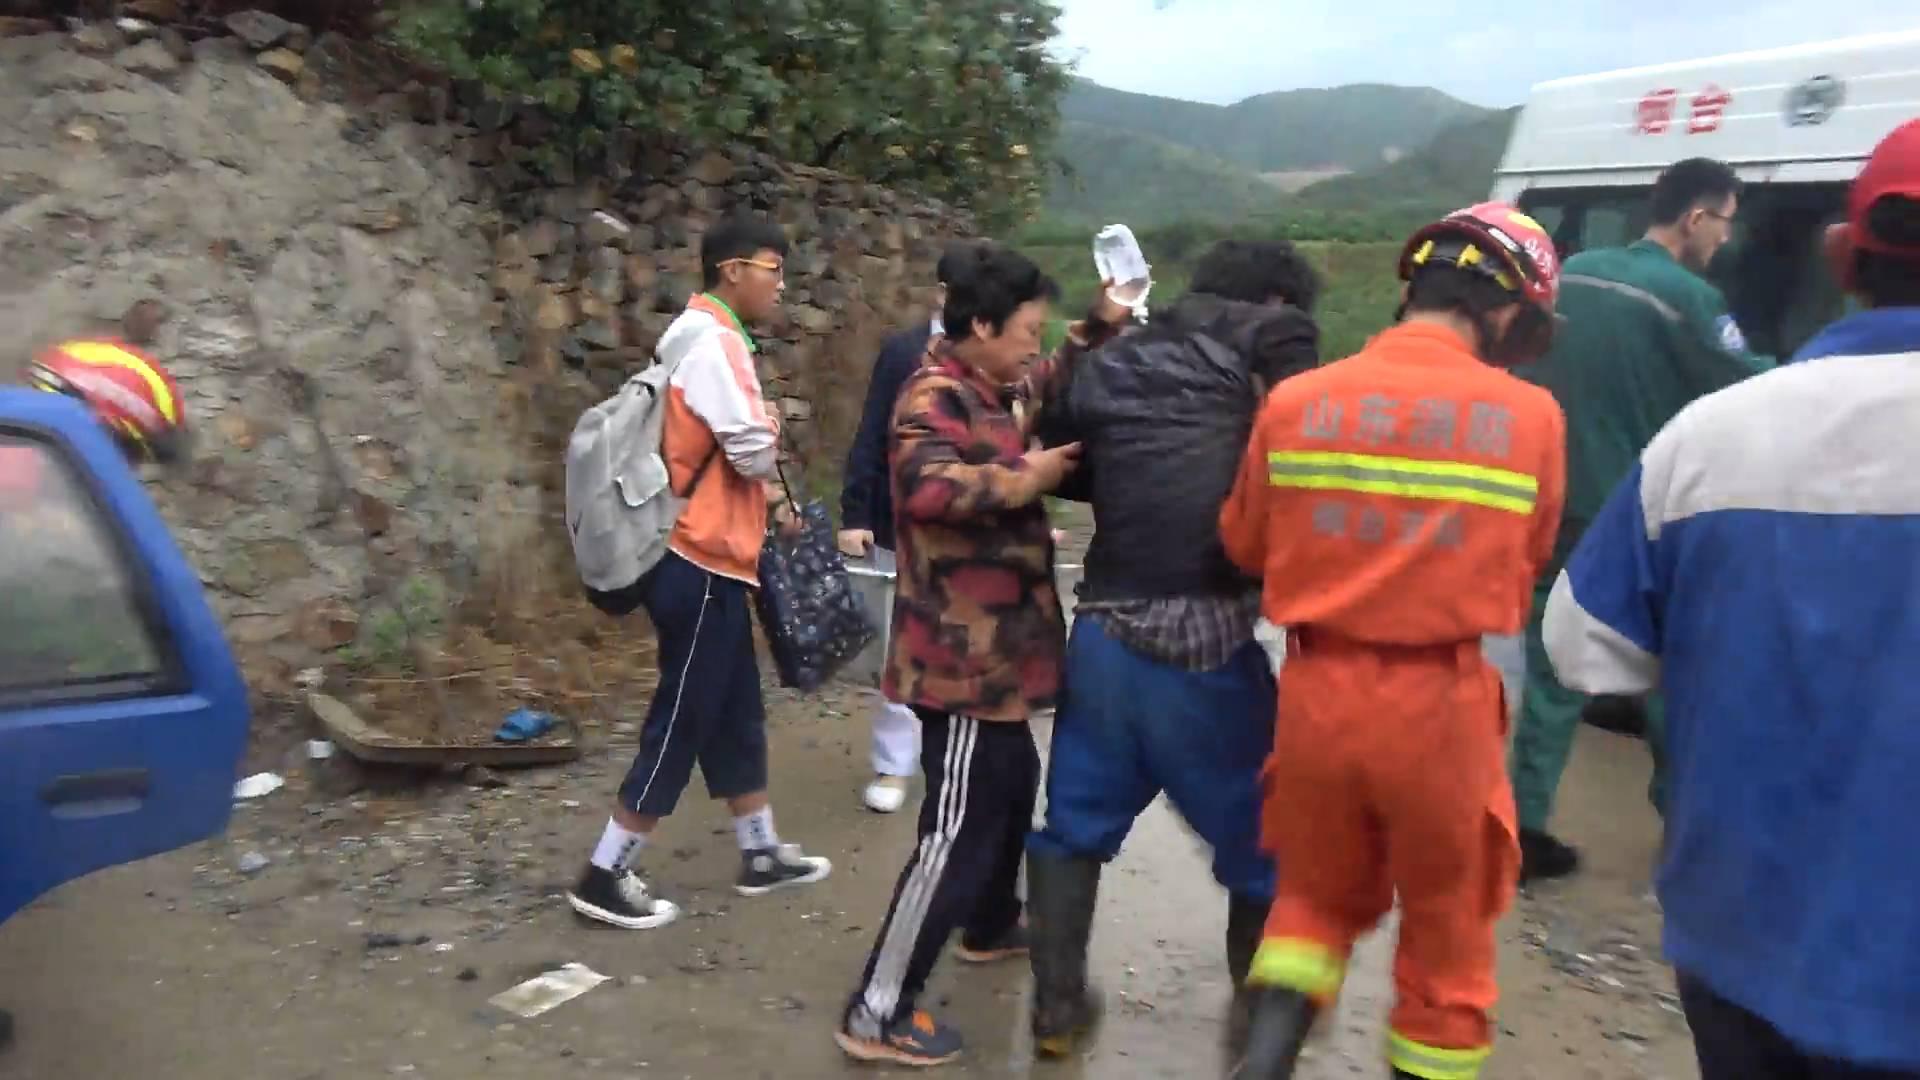 28秒丨陡坡滑车撞墙上司机被困 车头面目全非